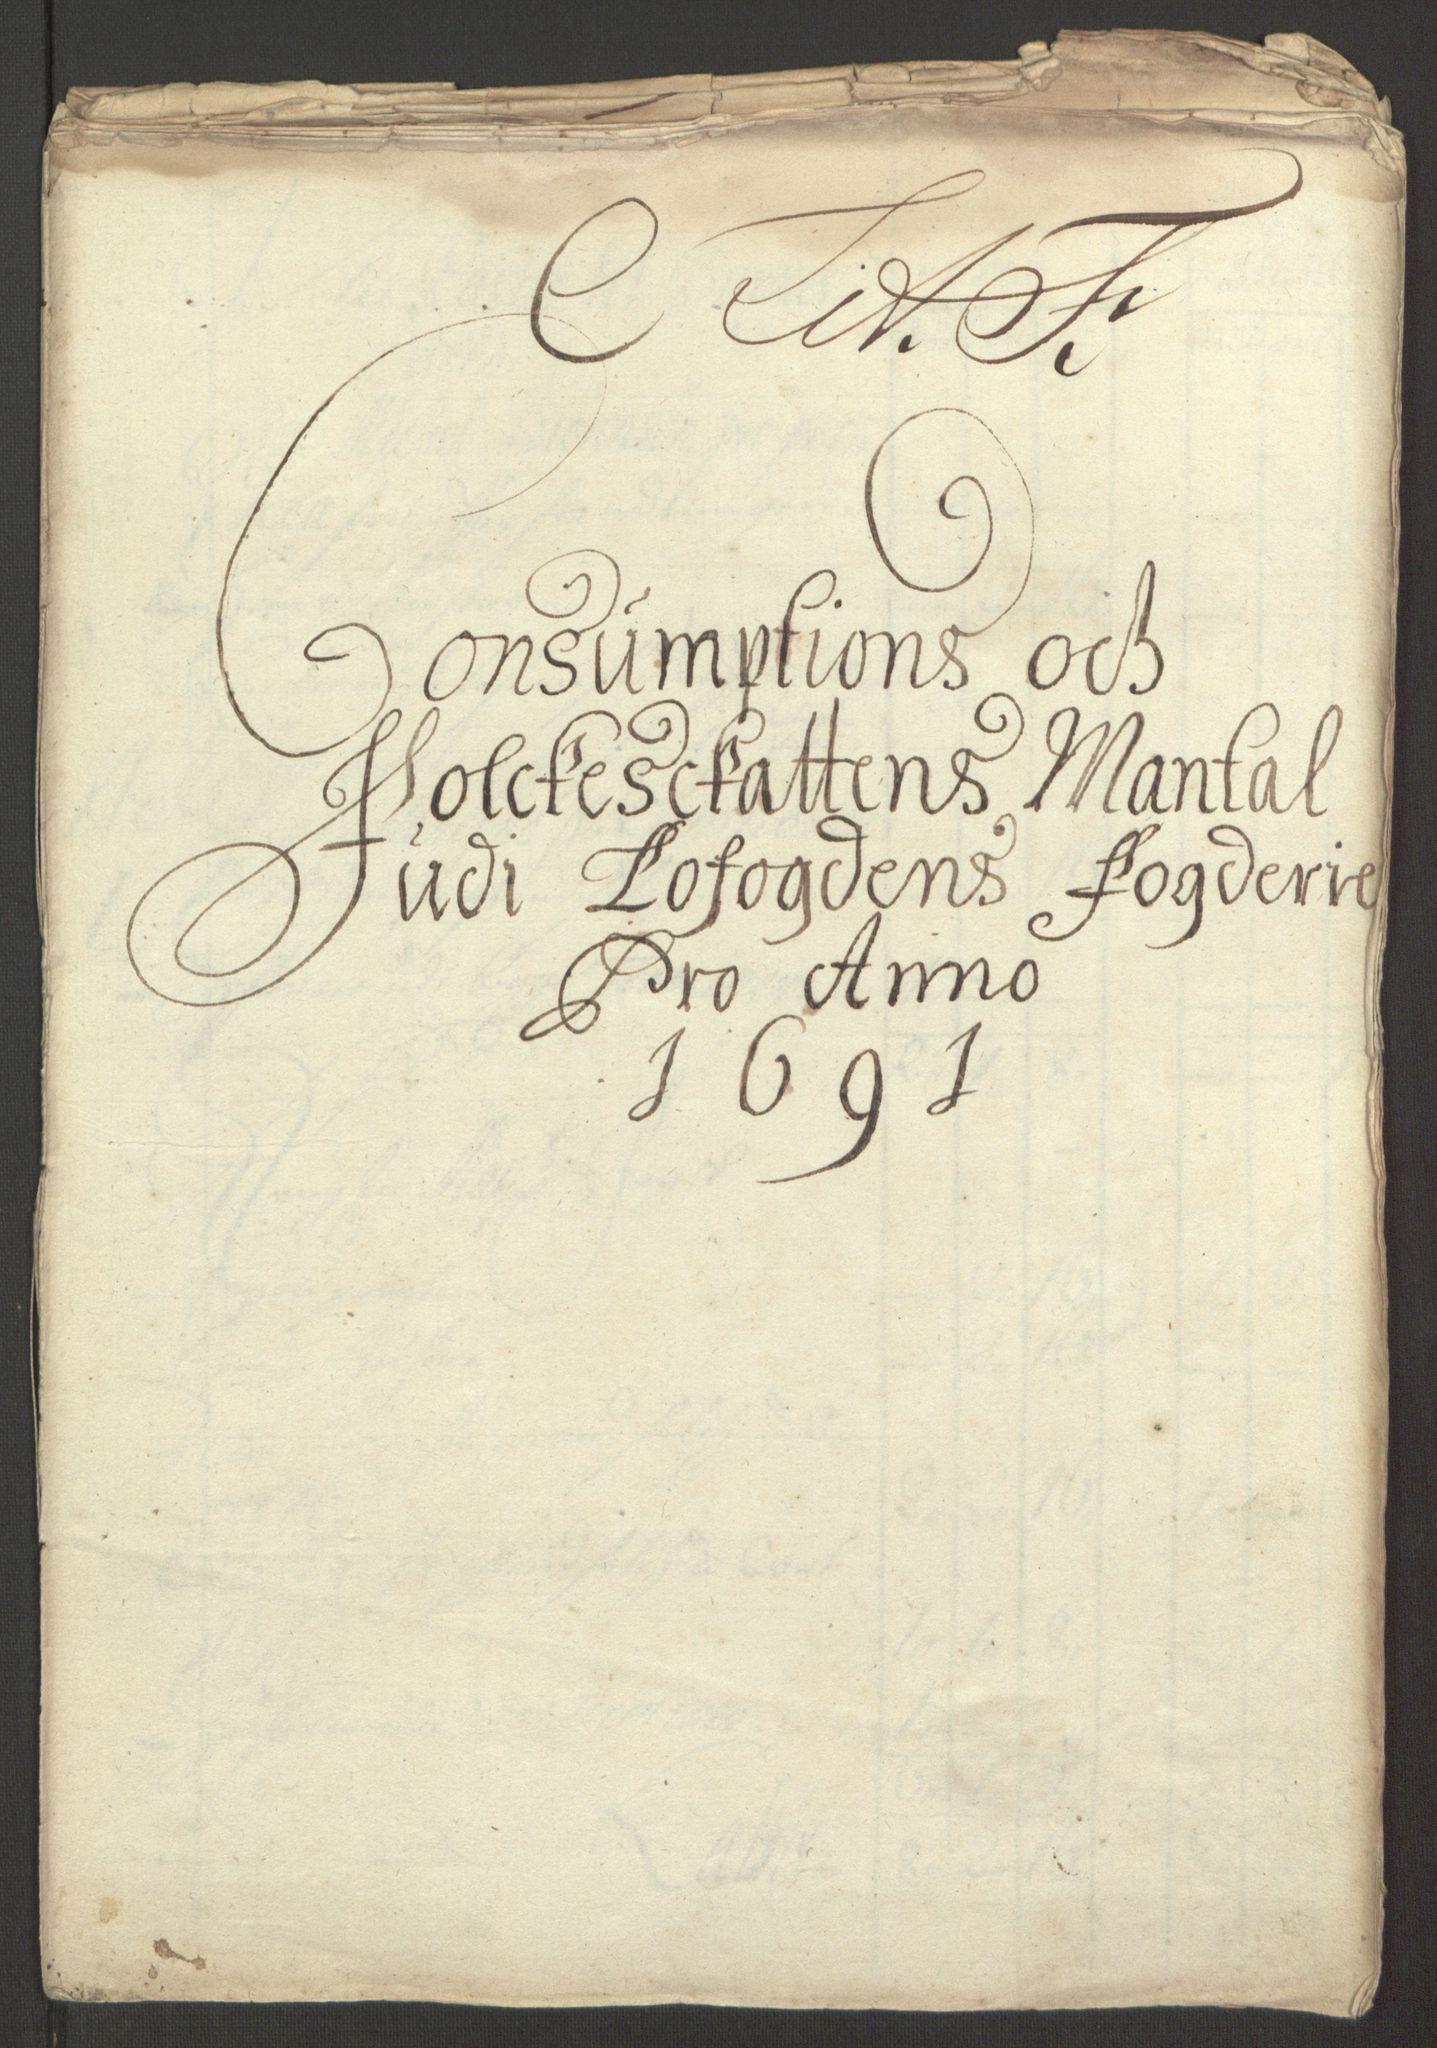 RA, Rentekammeret inntil 1814, Reviderte regnskaper, Fogderegnskap, R67/L4675: Fogderegnskap Vesterålen, Andenes og Lofoten, 1691-1693, s. 59